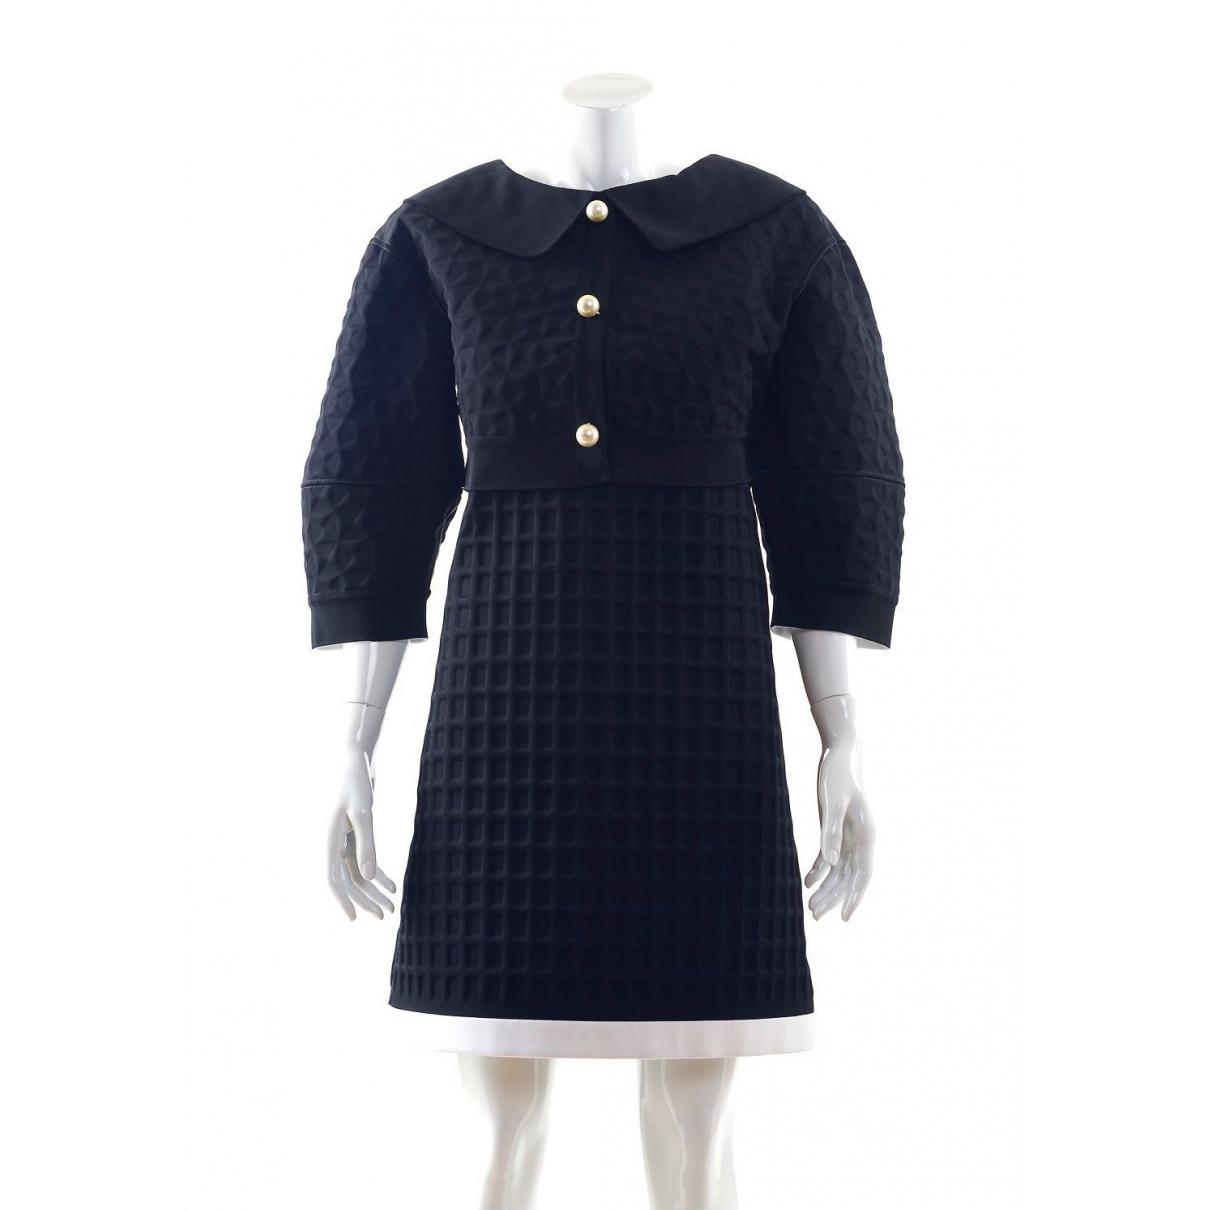 Chanel \N Black dress for Women S International